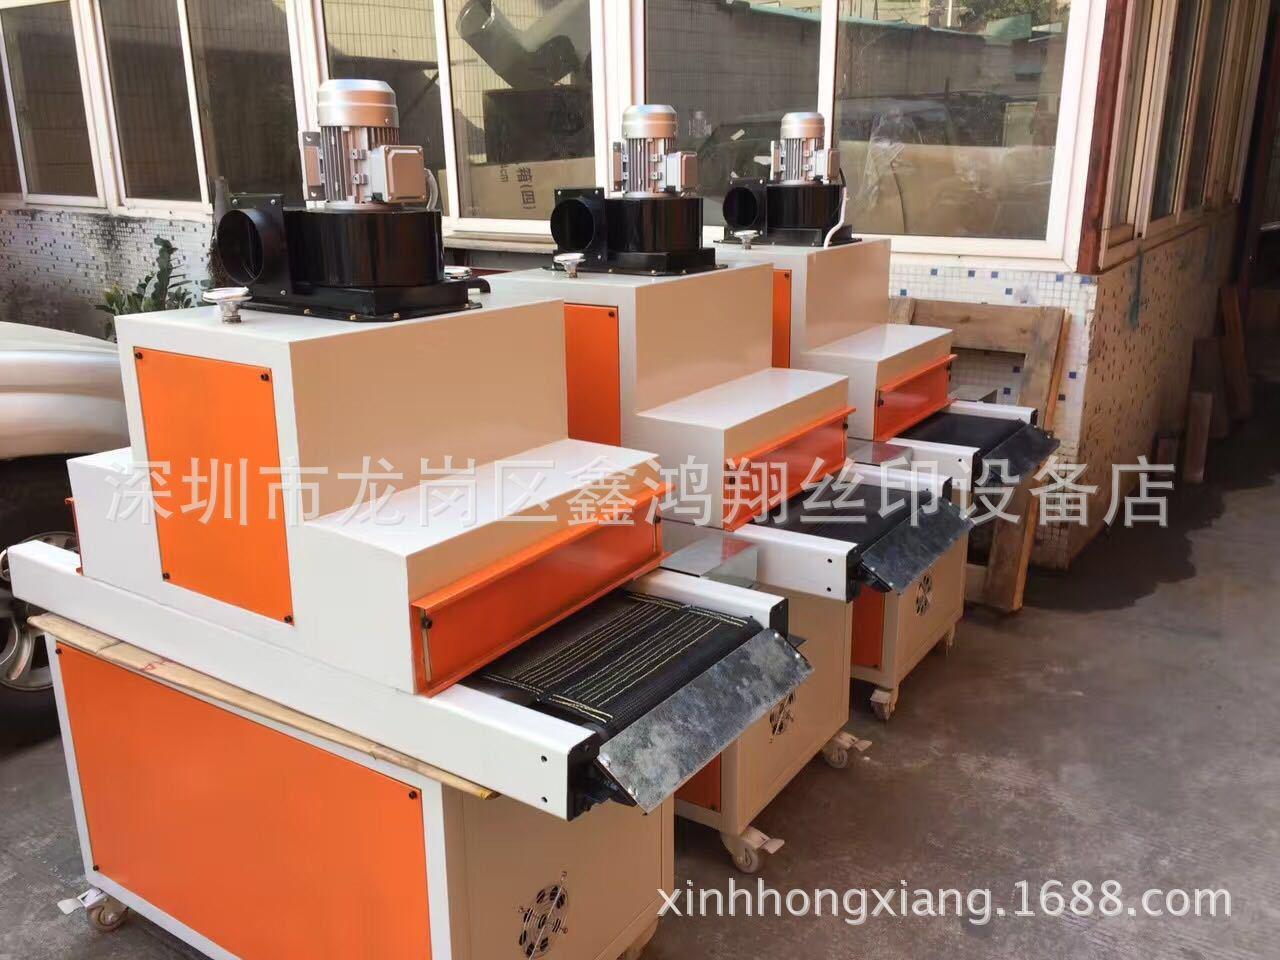 紫外光固化机_厂家批发uv固化机紫外光固化机600*2000uv质量保证